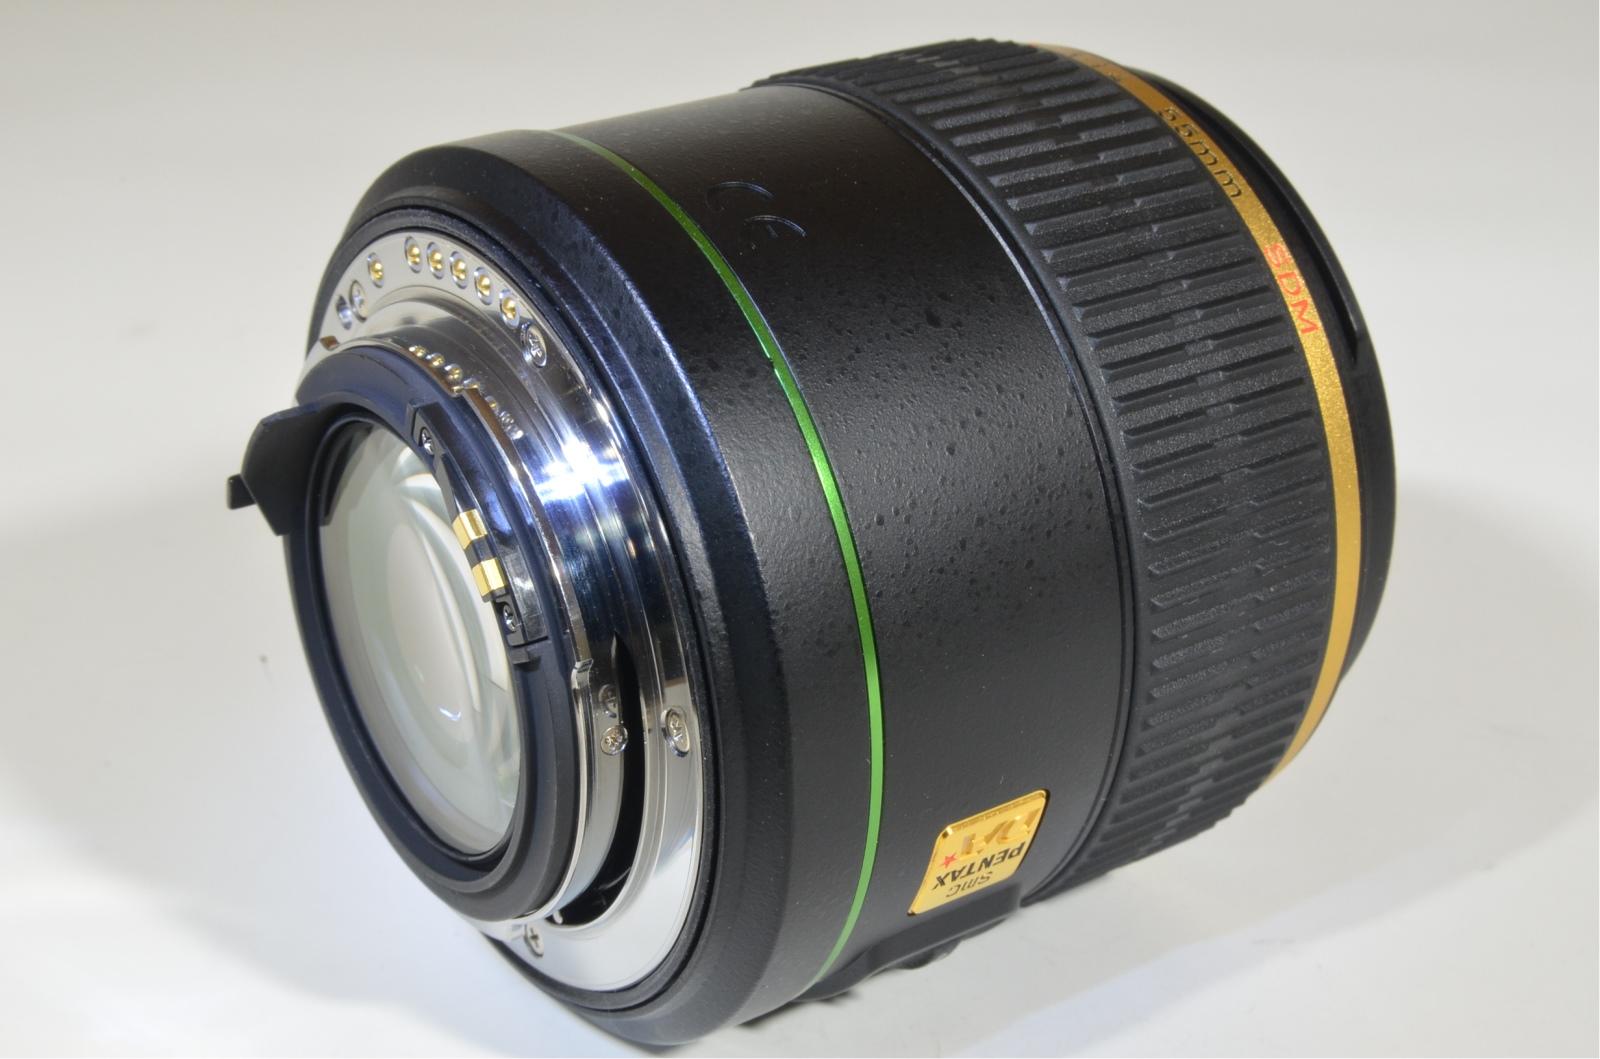 pentax smc da 55mm f1.4 sdm